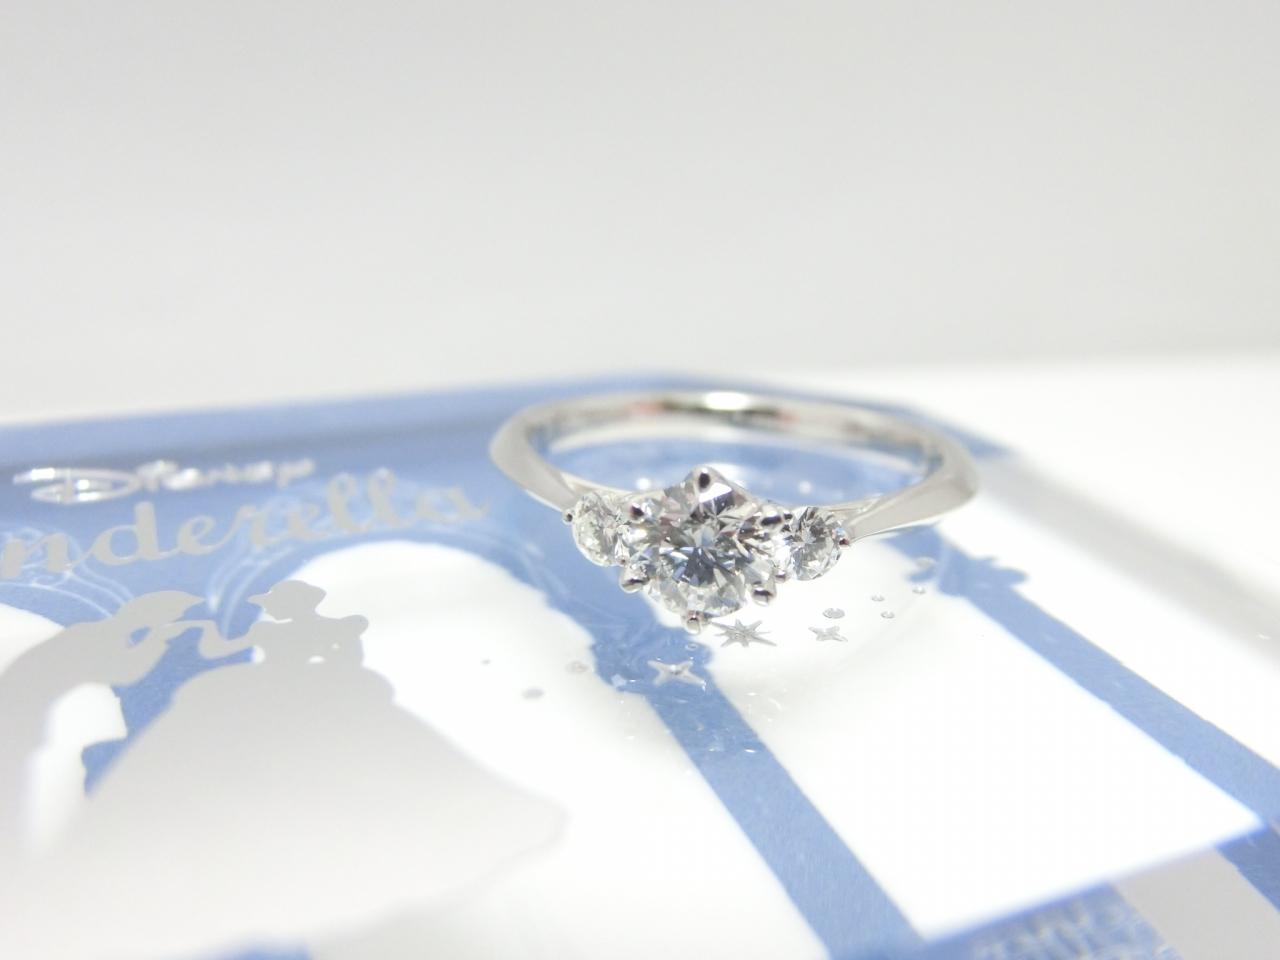 「ディズニーシンデレラ」 0.5ctのダイヤモンドもセッティング可能になりました♪